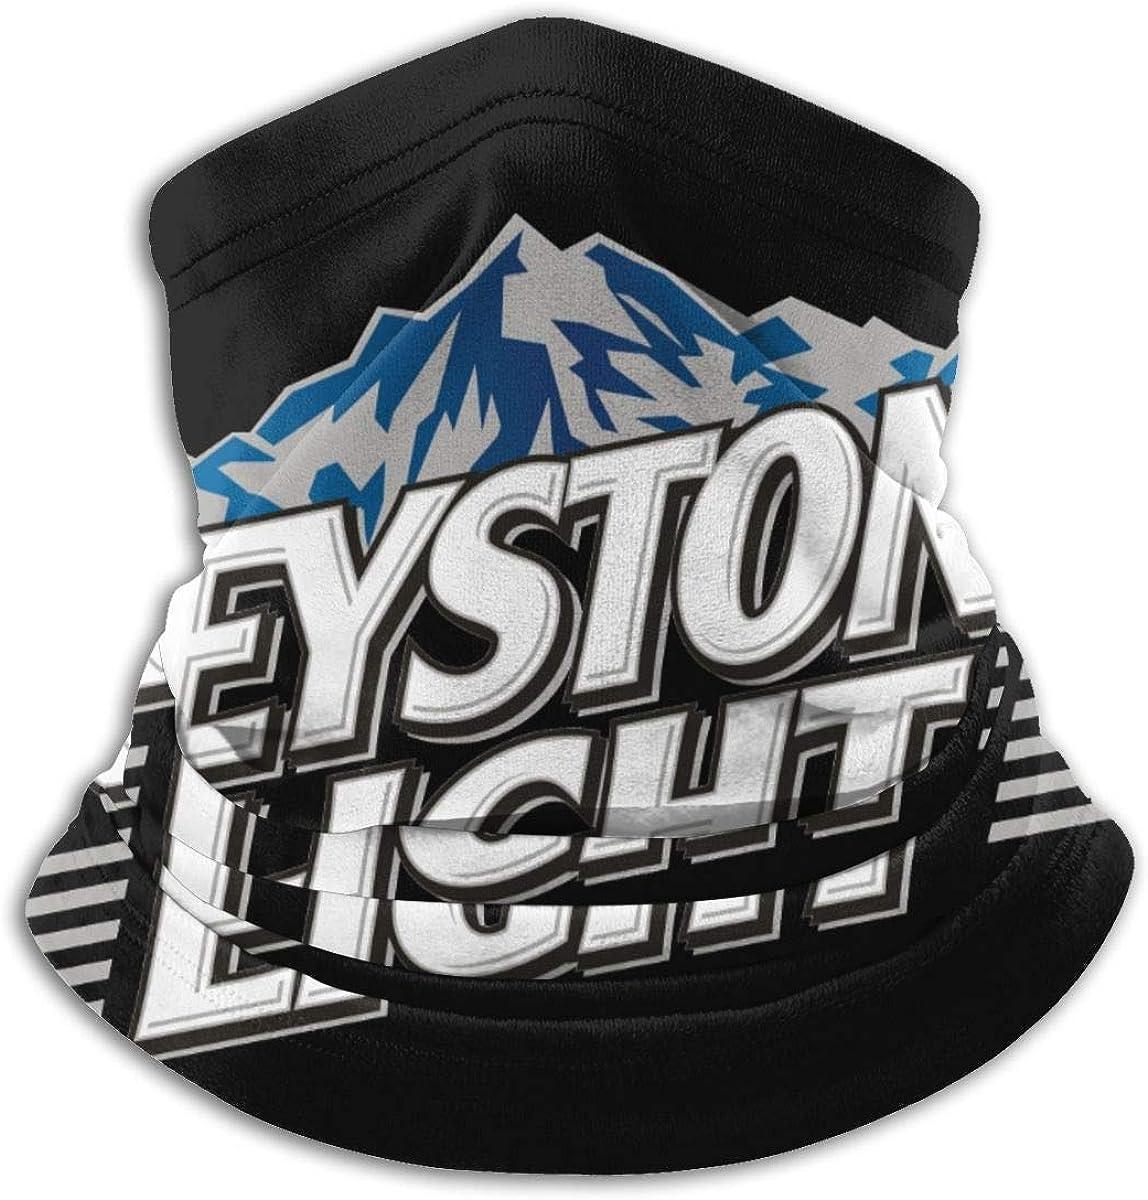 Ke-yst-one Light Balaclava ski mask Winter Face Mask Neck Warmer Gaiter for Outdoor Ski Snowboard